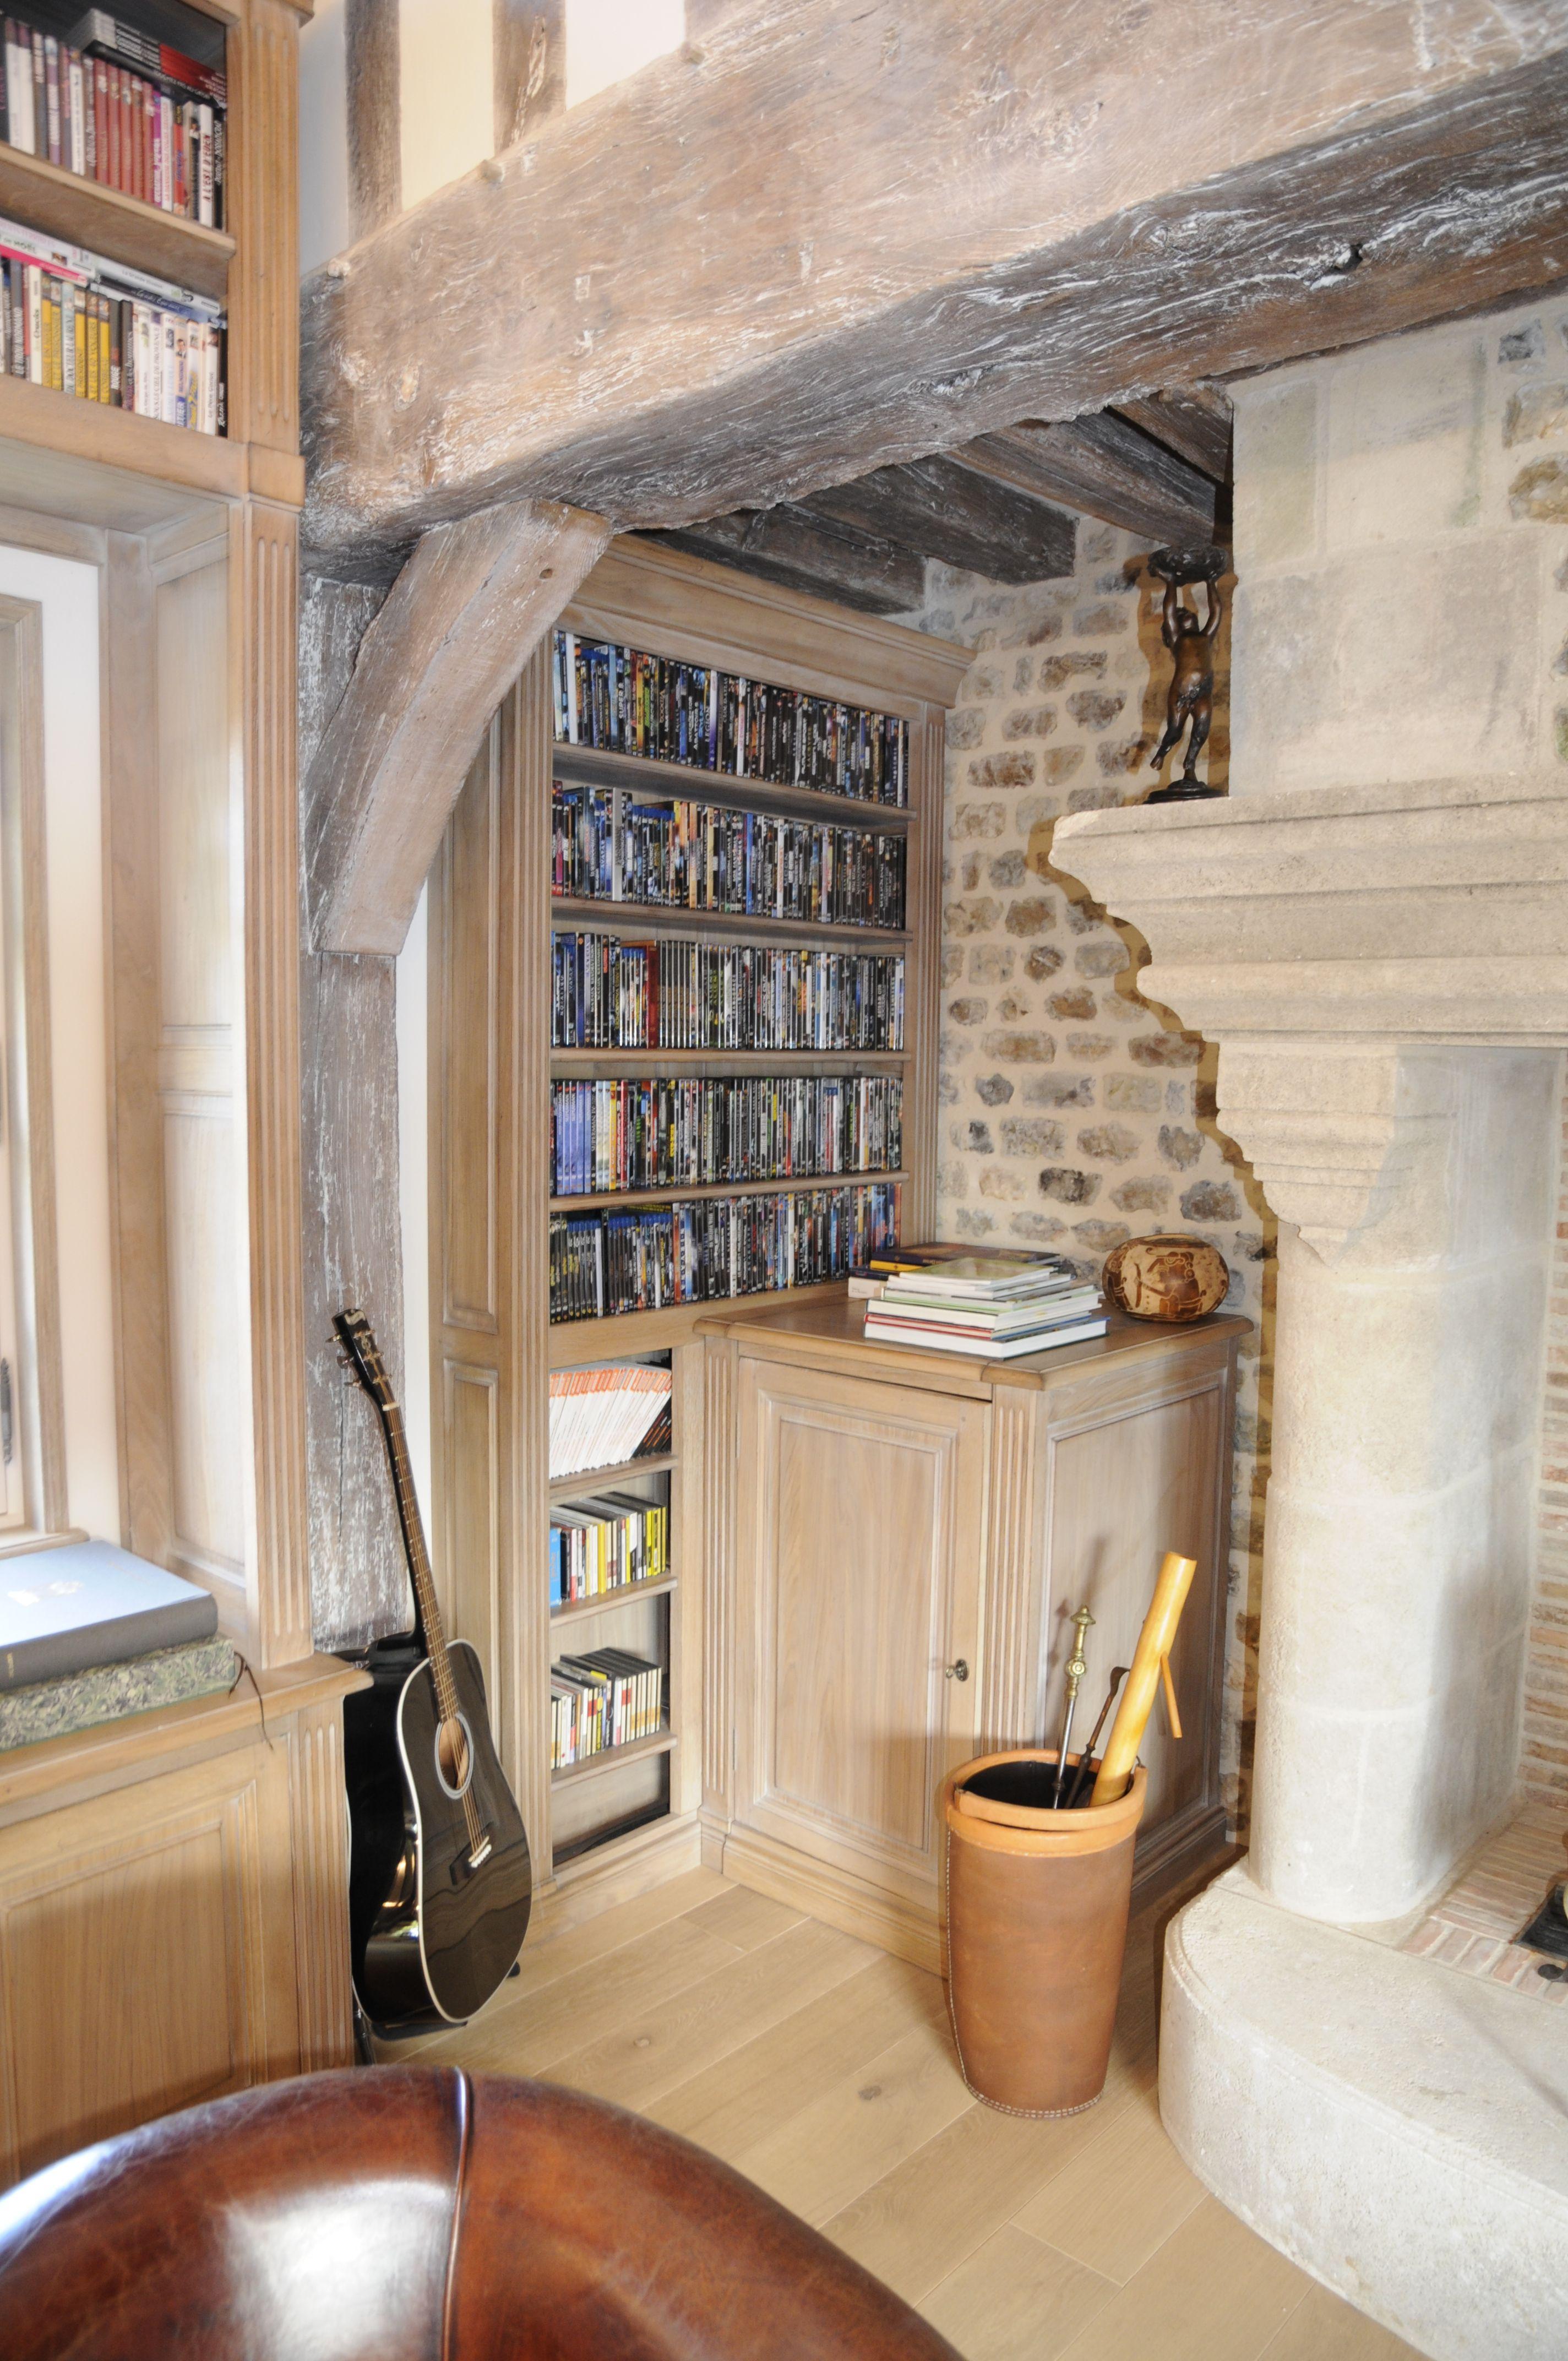 meuble bibliothèque encastrée. création sur mesure. fabrication ... - Cuisine Fabrication Francaise